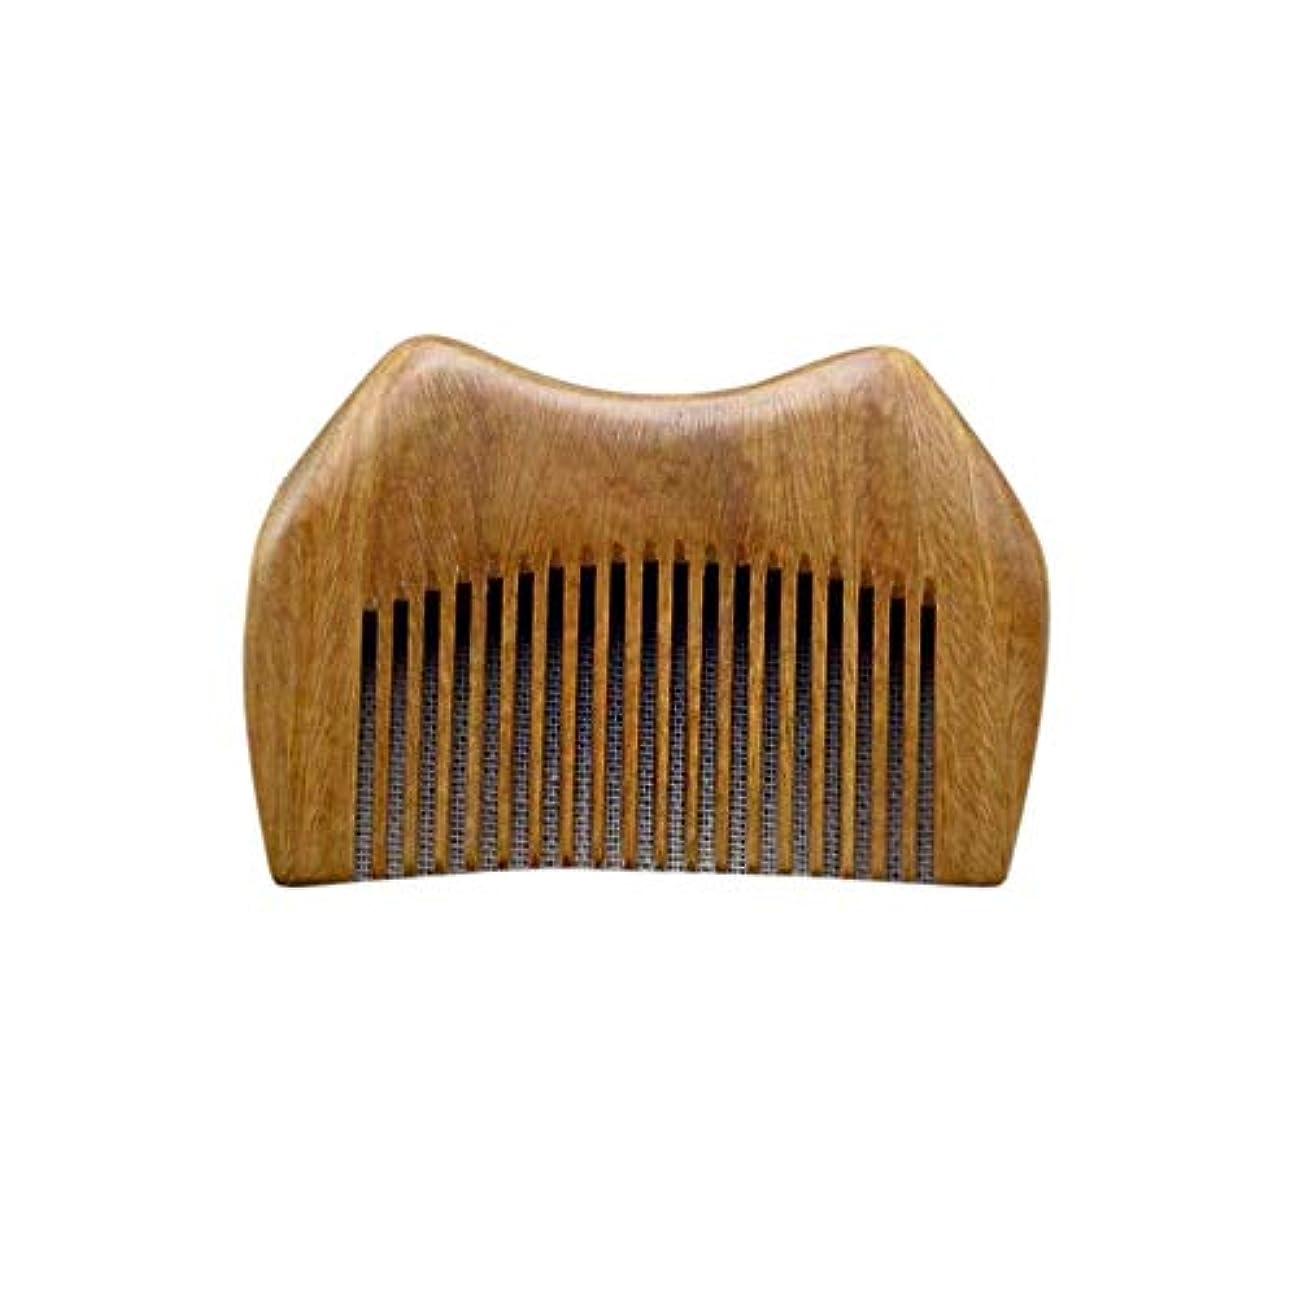 発生データム堤防WASAIO 静的グリーンサンダルウッド櫛手作り木製櫛櫛男性女性ウェットドライカーリーストレートヘアブラシブラシ手作り木製抗静的 (色 : Photo color)